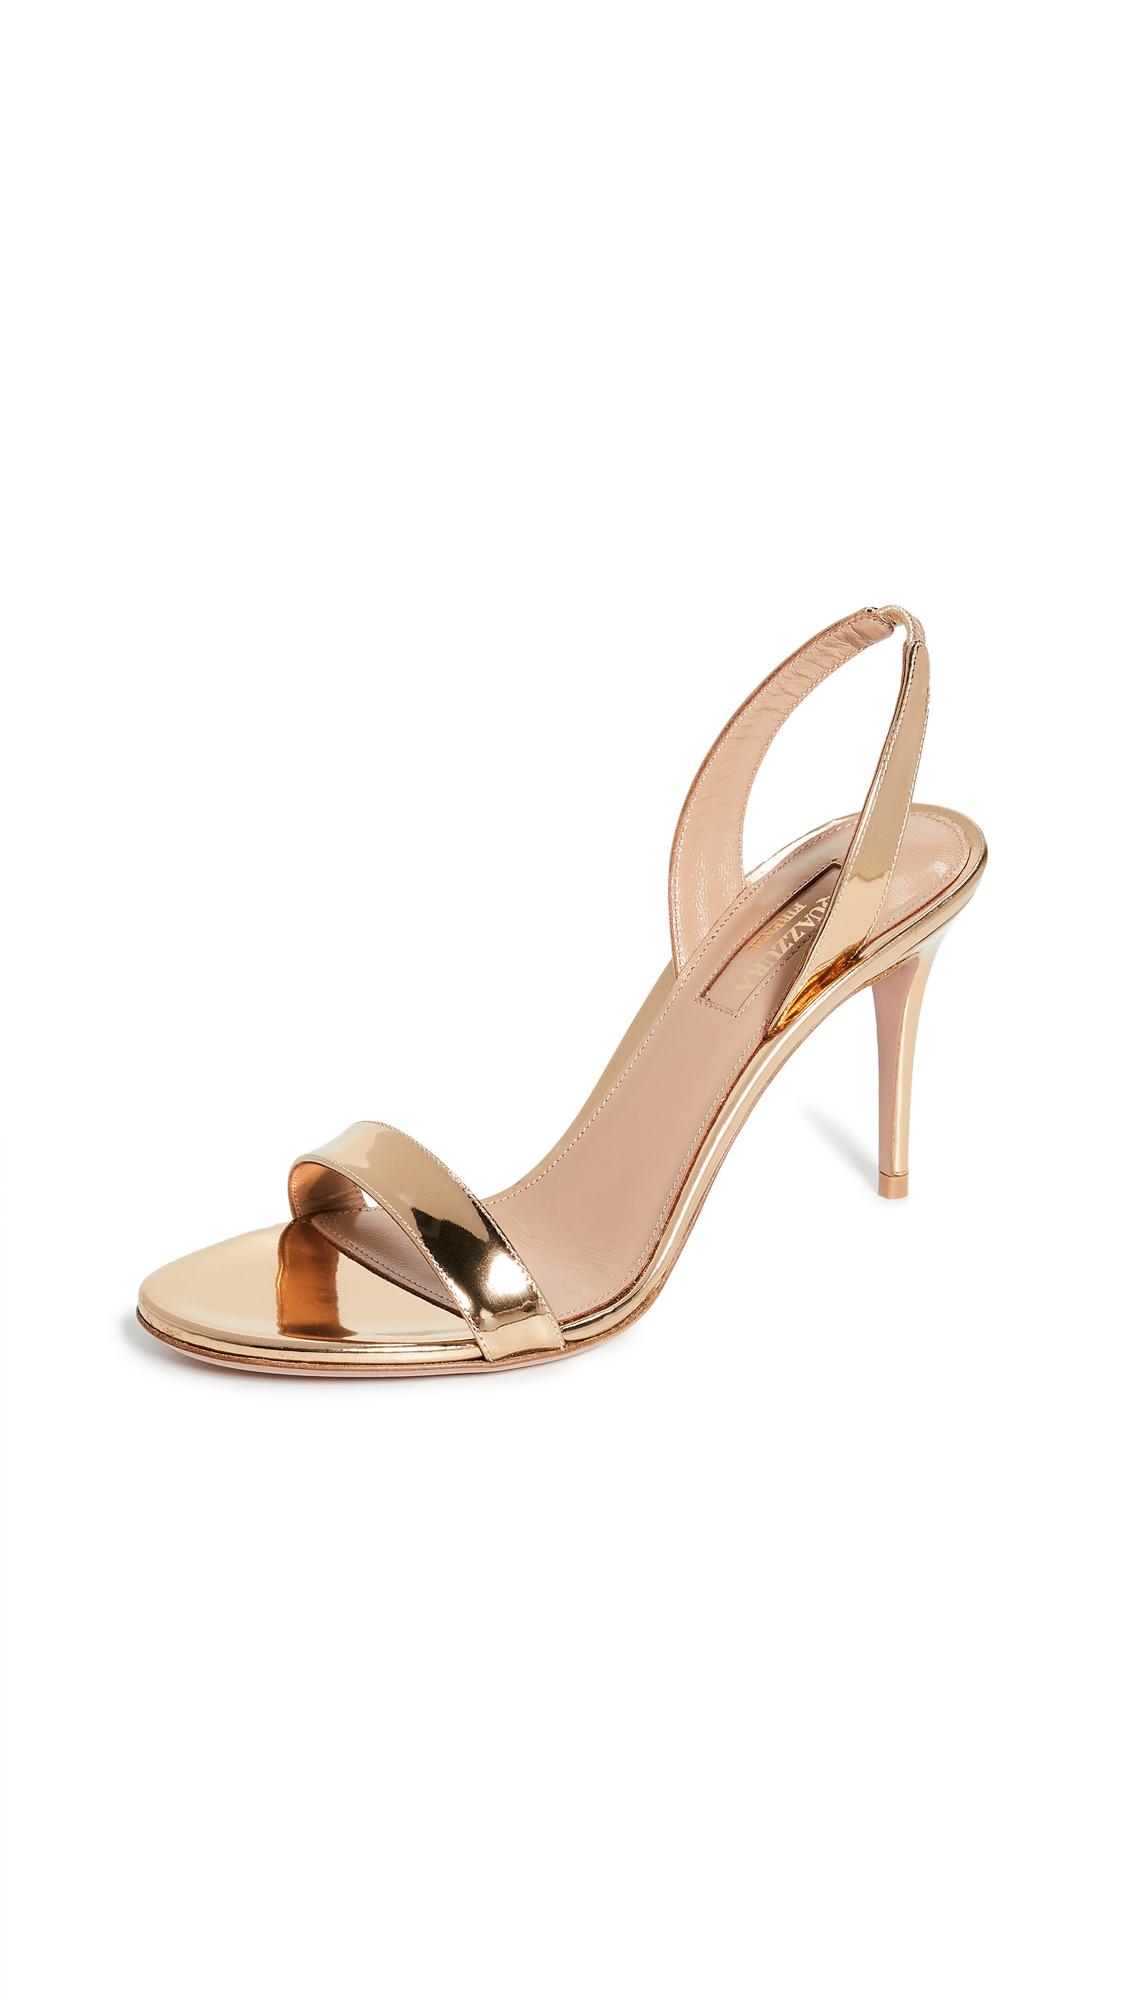 Buy Aquazzura So Nude 85mm Sandals online, shop Aquazzura